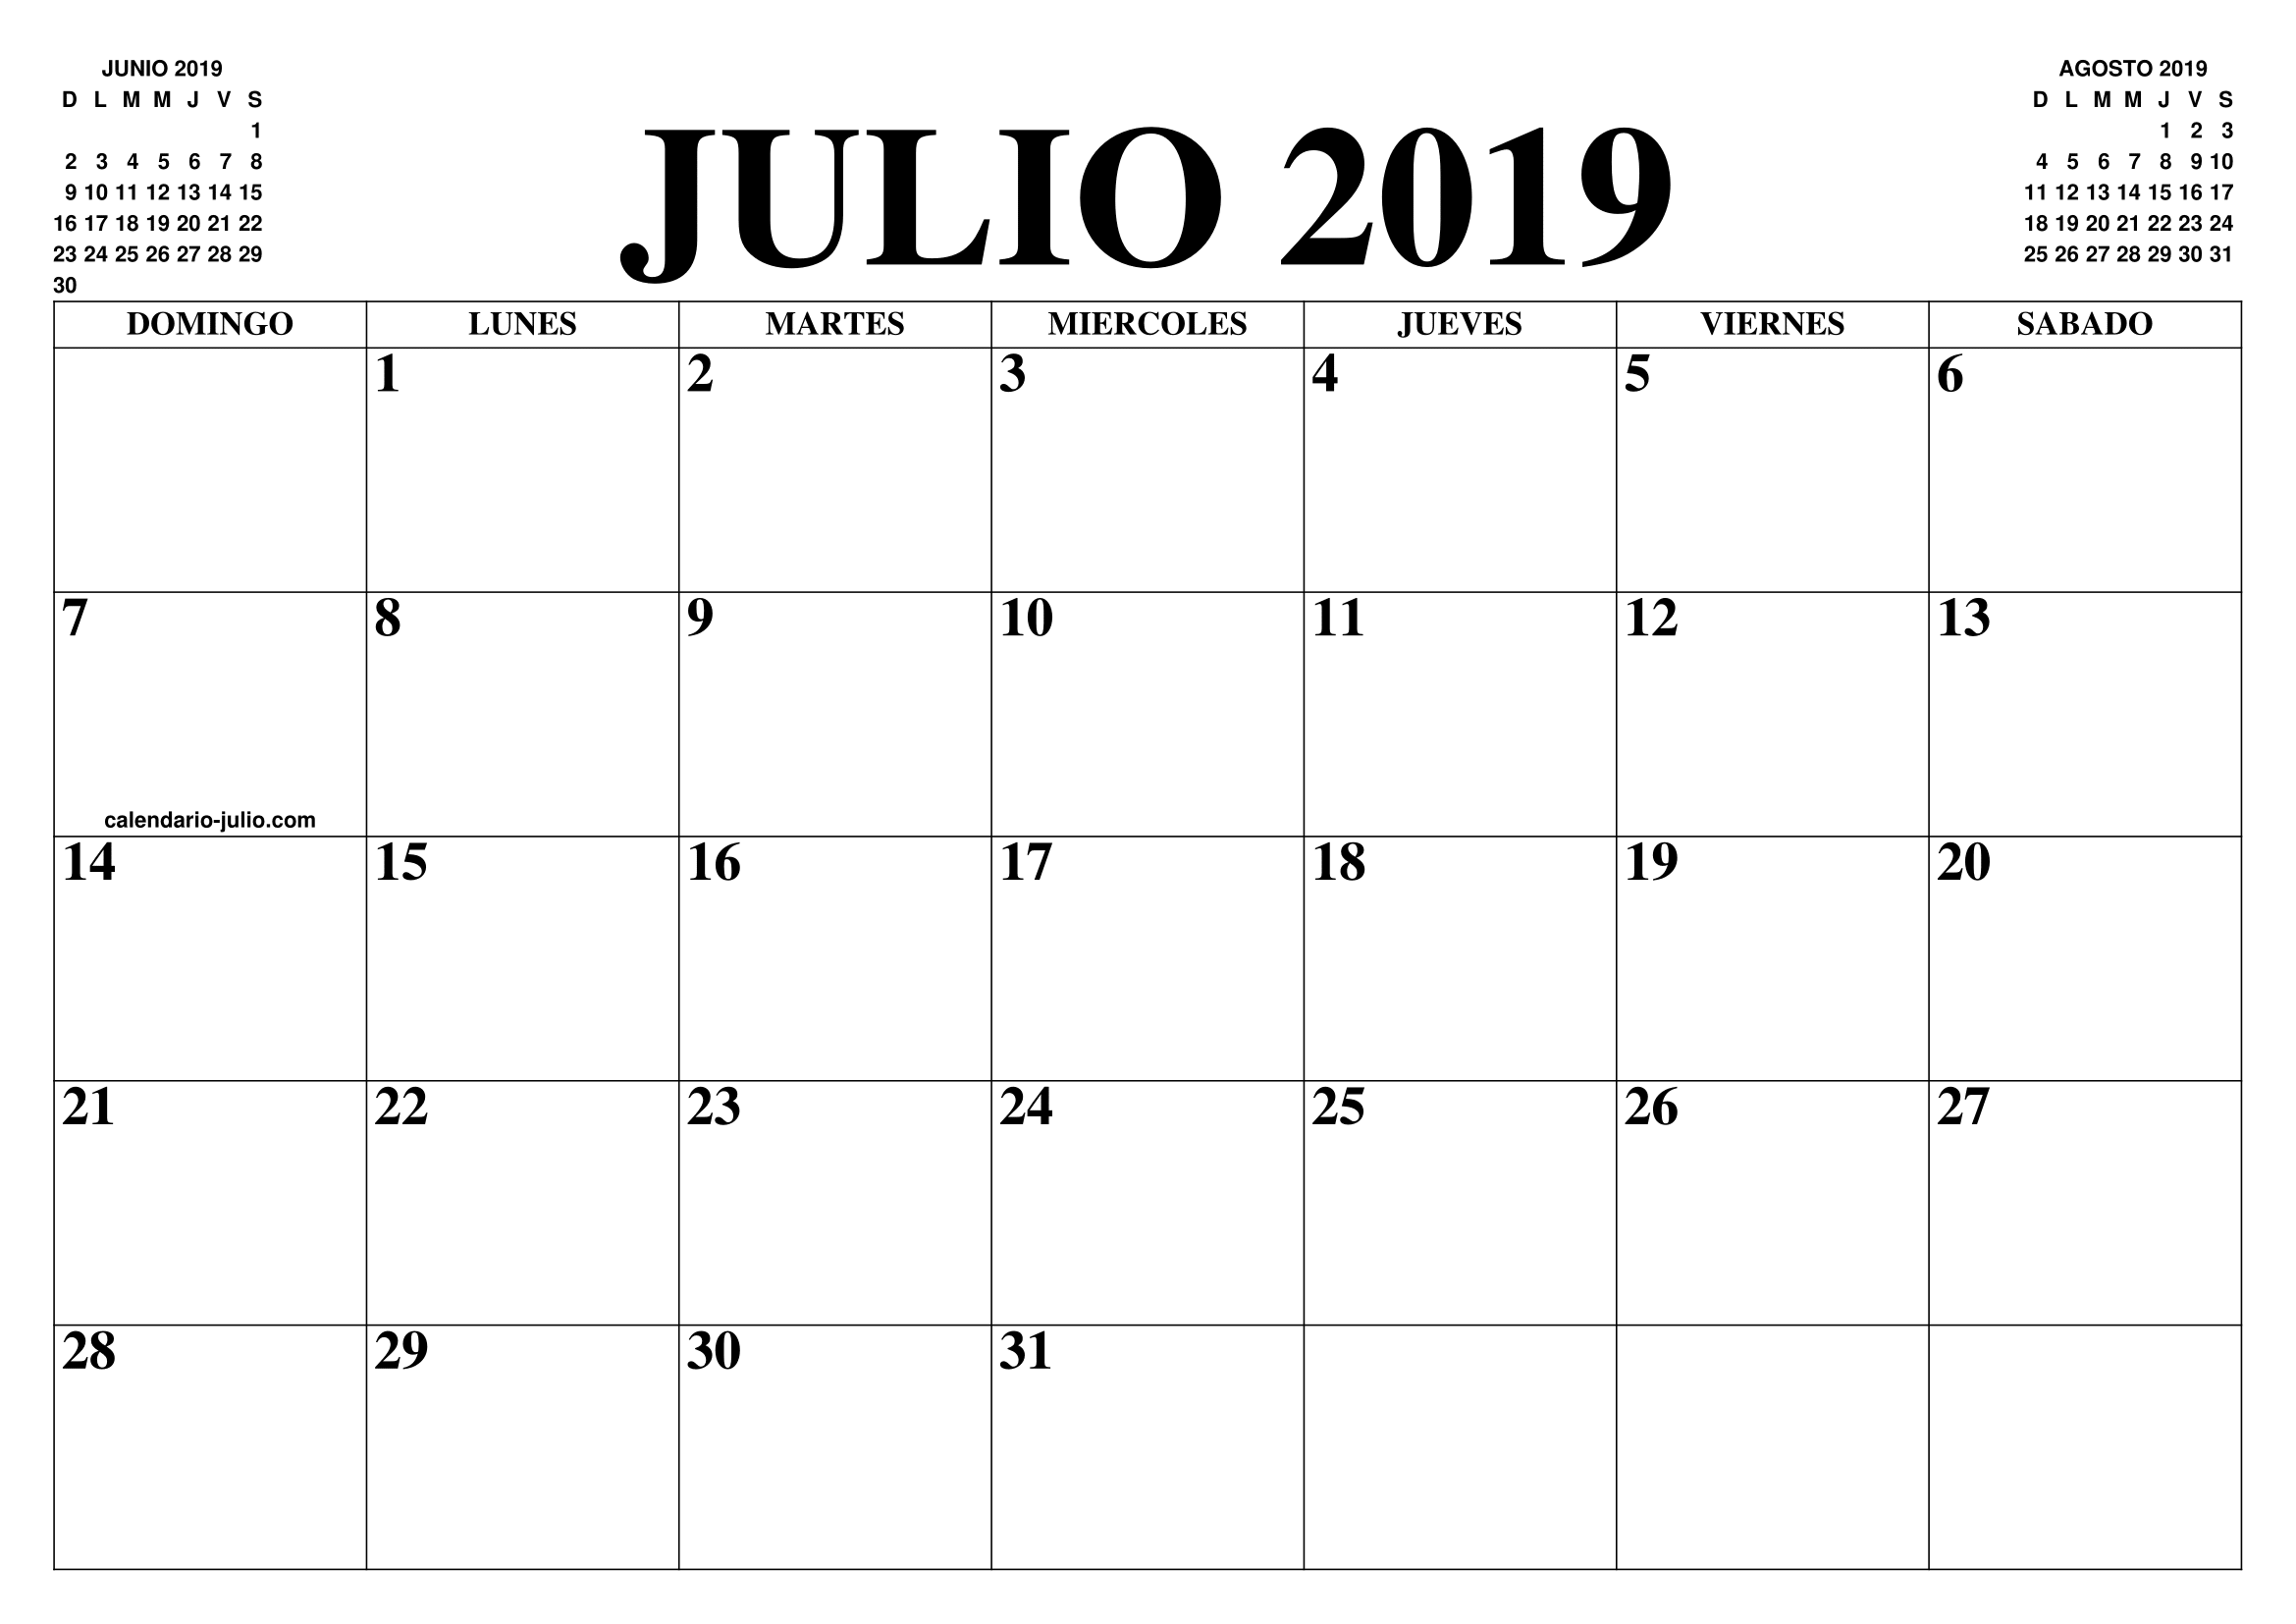 Calendario Julio 2020 Para Imprimir.Calendario Julio 2019 2020 El Calendario Julio 2019 2020 Para